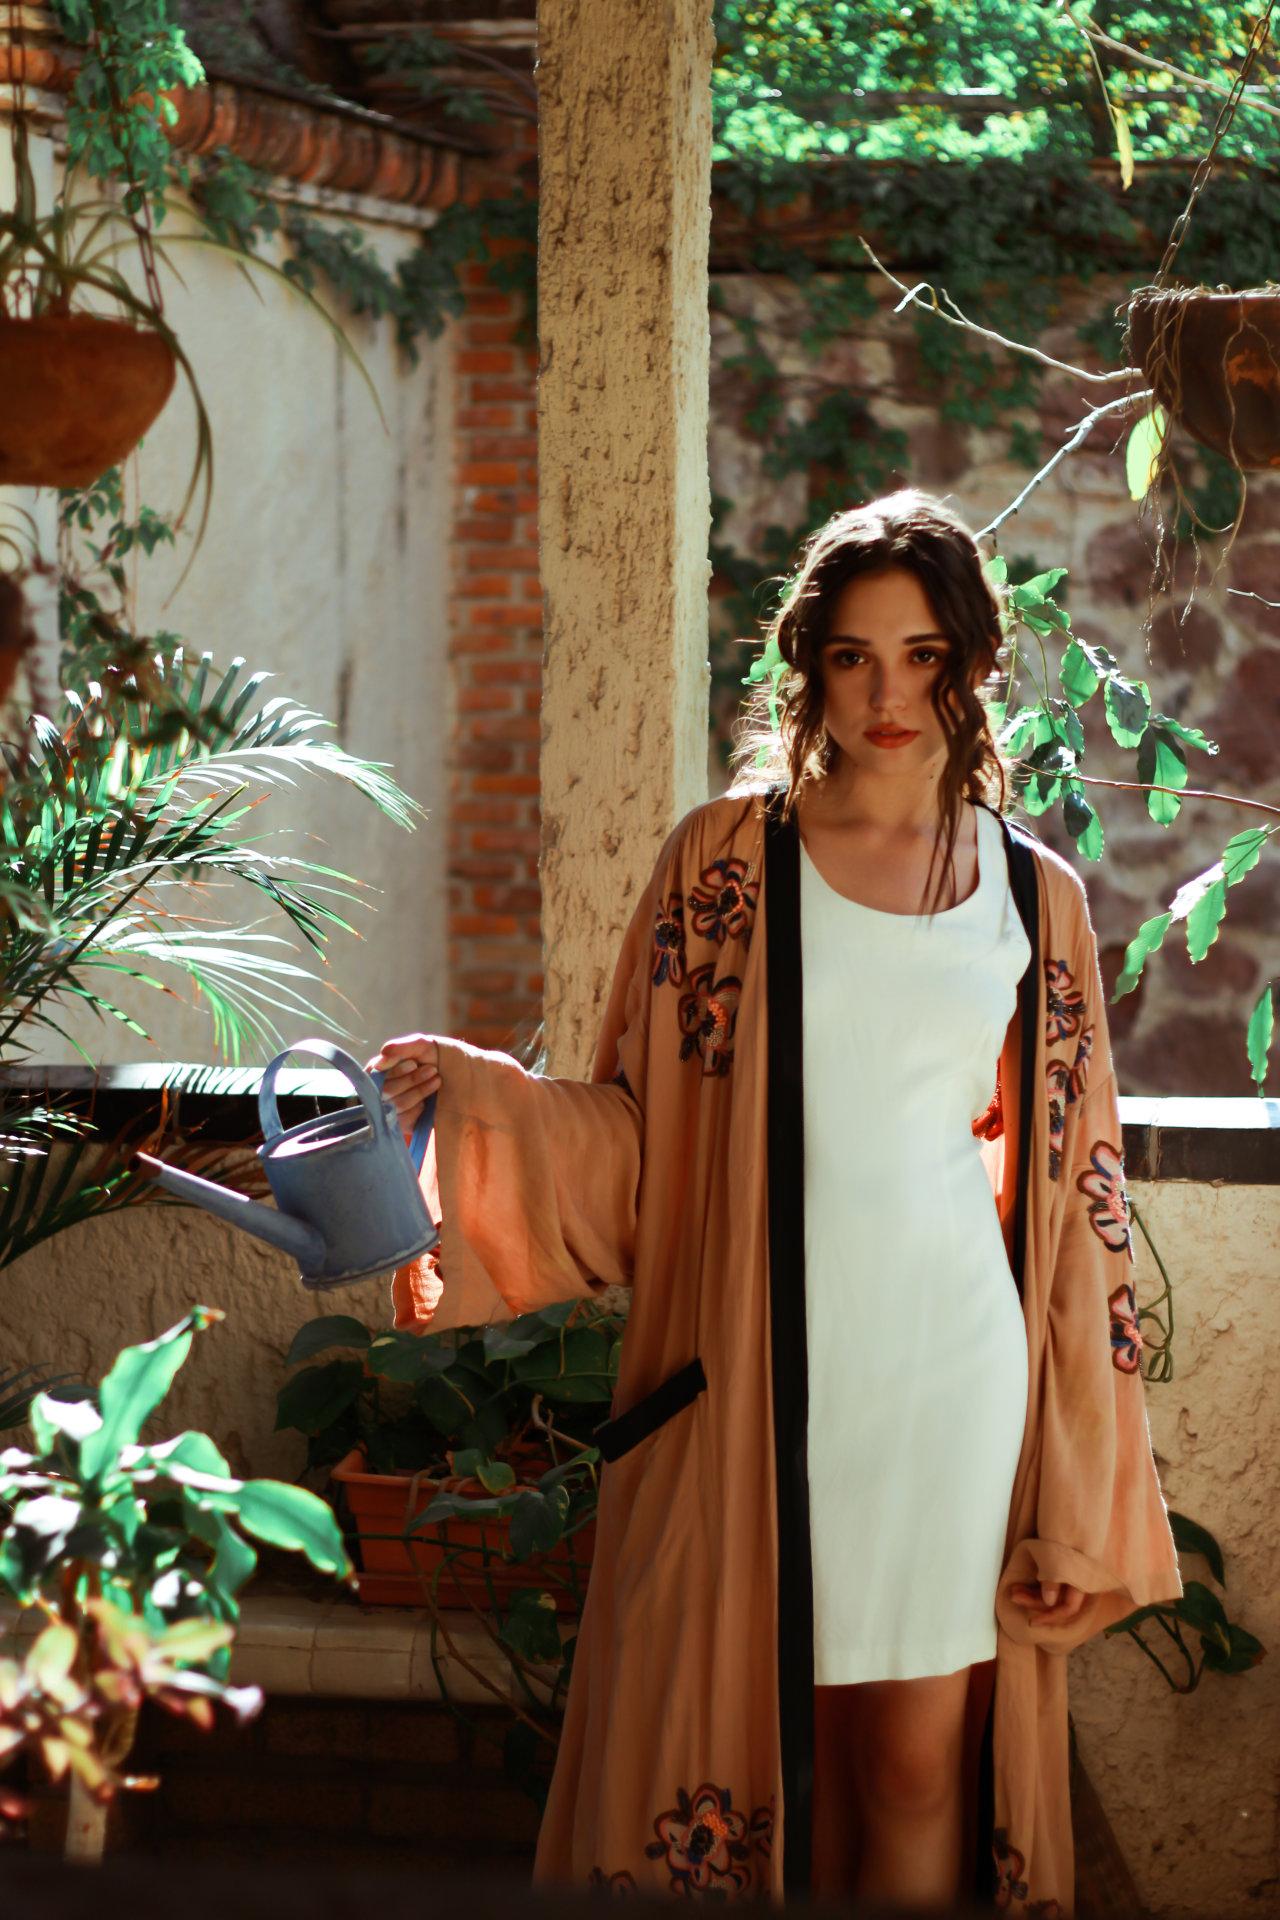 Photographer:  Abigail GurrModel: Arlette ¡Increible! Arlette en el nuevo test shoot por Abigail Grr.Amazing! Arlette in the new test shoot by Abigail Grr.